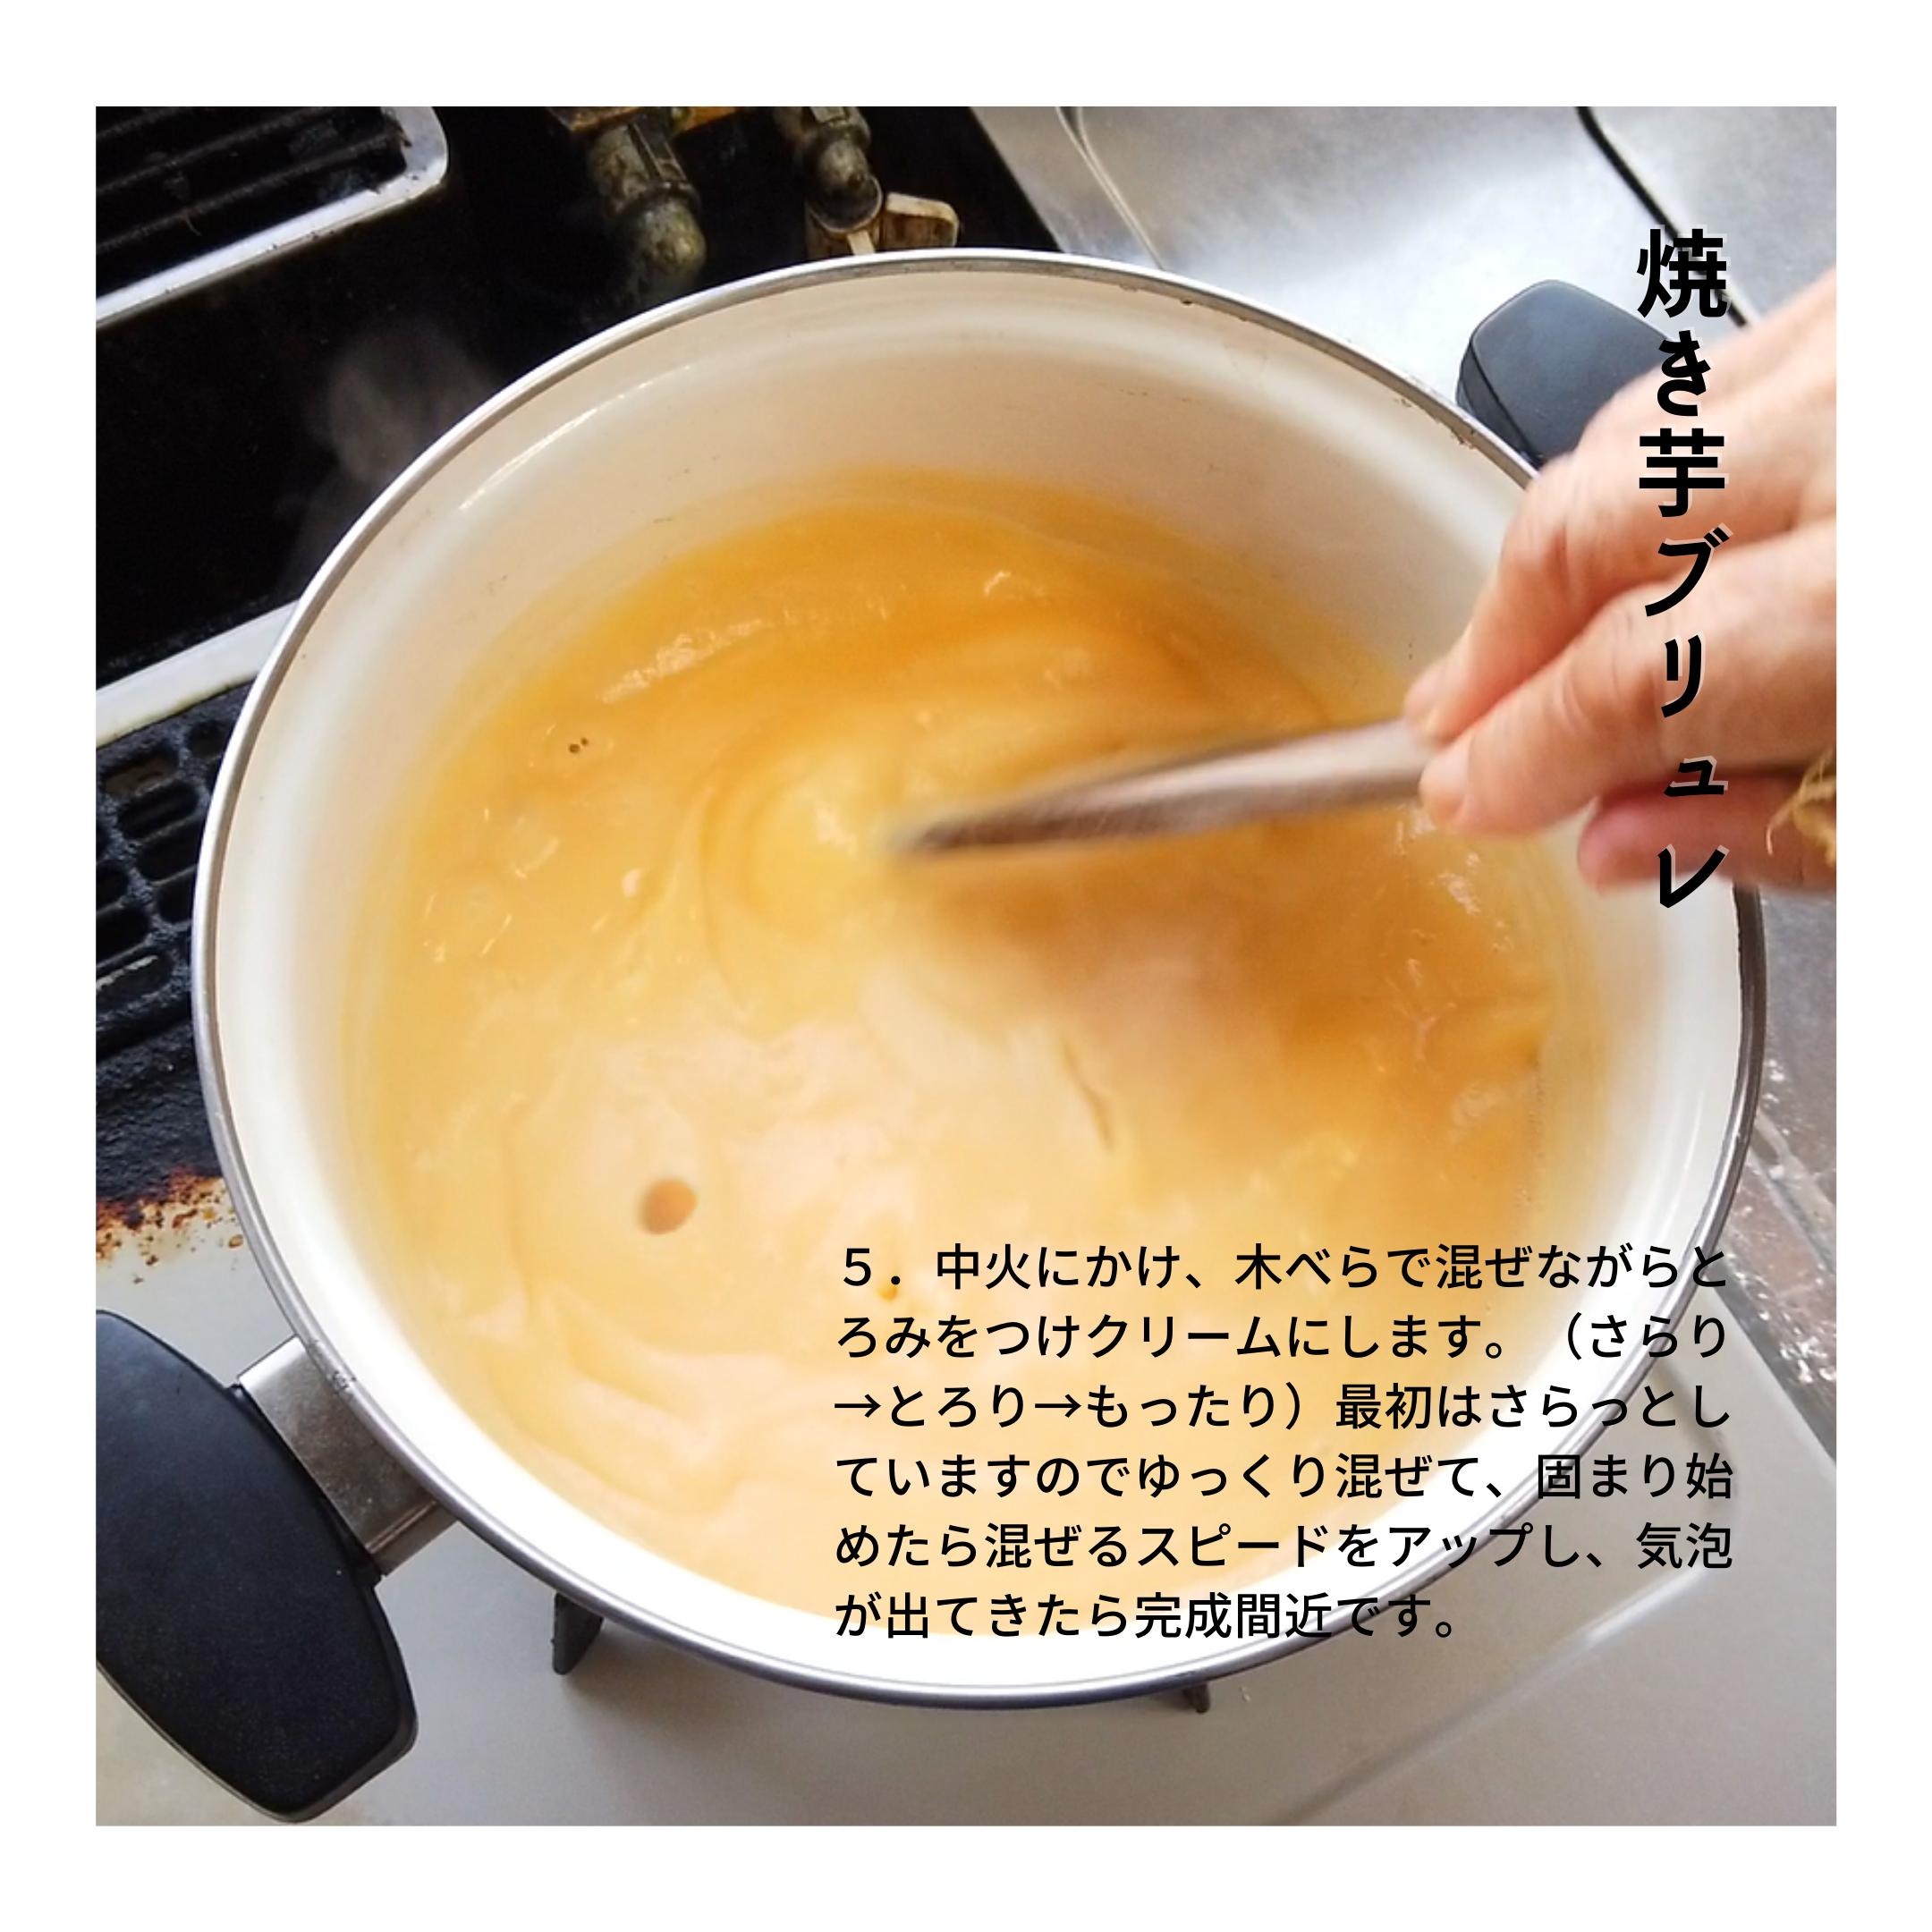 【焼き芋(壺芋)ブリュレの作り方】5.中火にかけ、木べらで混ぜながらとろみをつけクリームにします。(さらり→とろり→もったり)最初はさらっとしていますのでゆっくり混ぜて、固まり始めたら混ぜるスピードをアップし、気泡が出てきたら完成間近です。